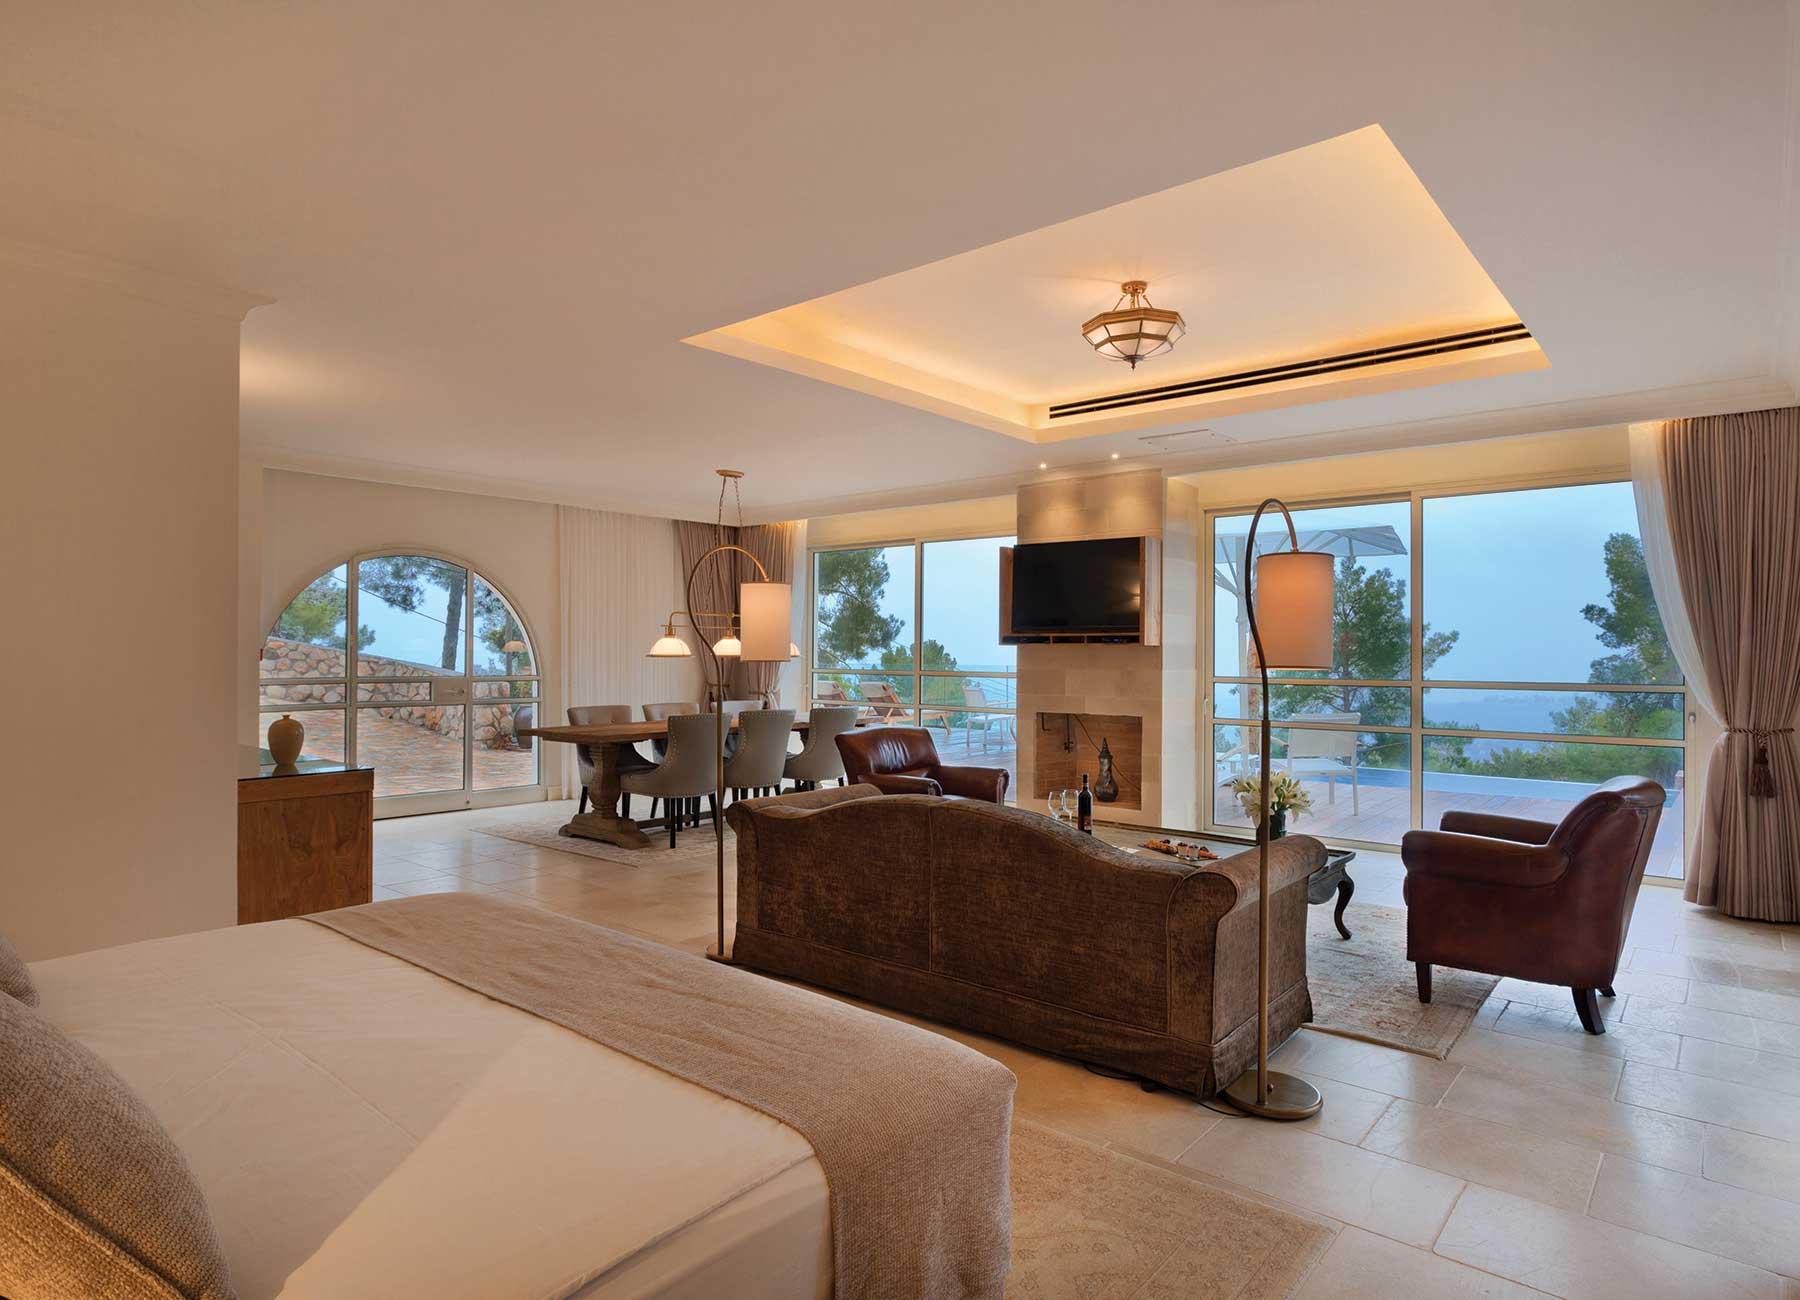 וילה נשיאותית במלון הרברט סמואל בית בגליל בוטיק